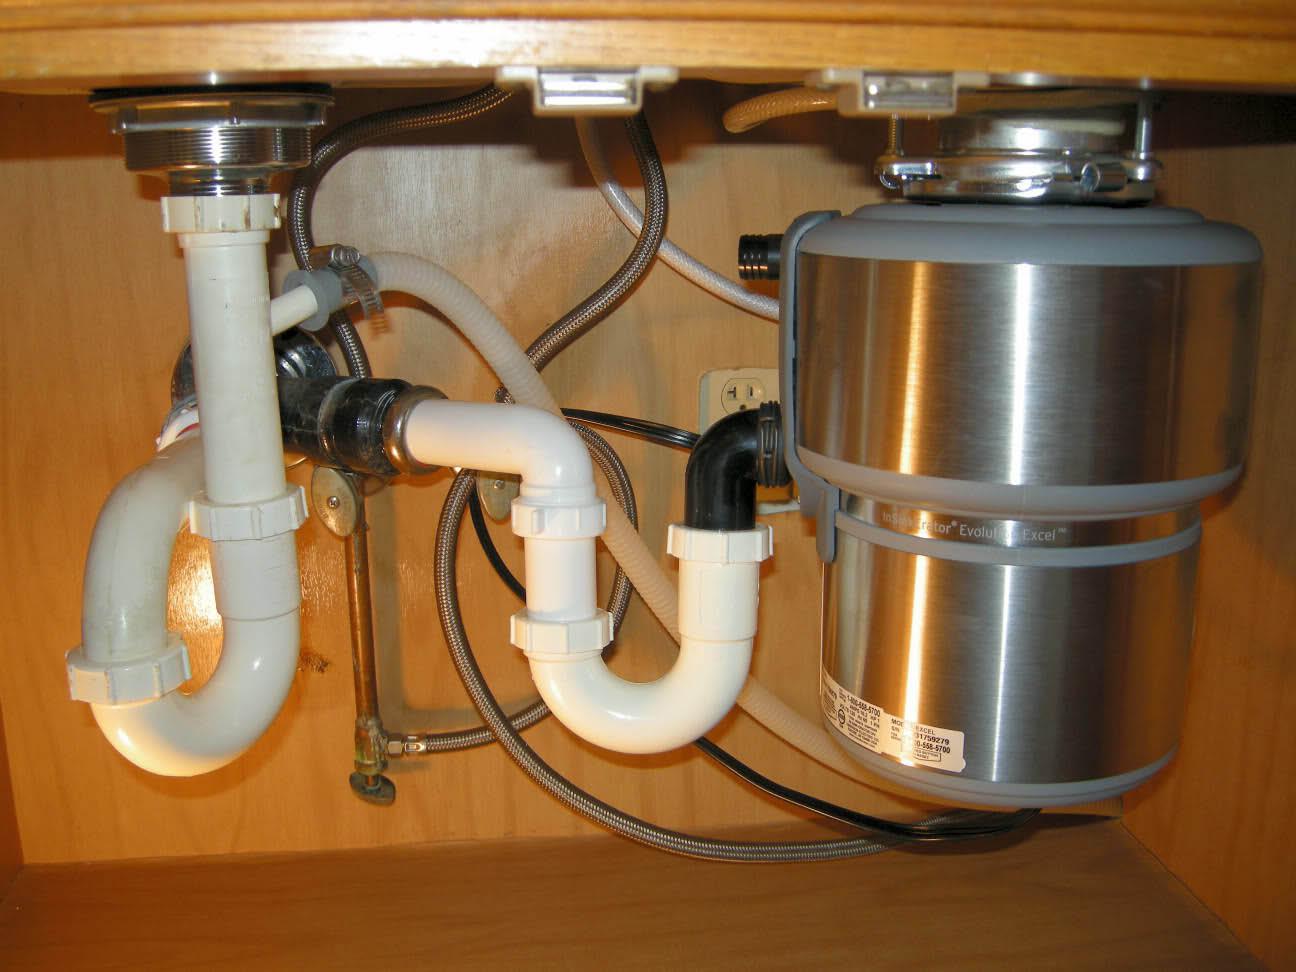 disposal repair replacement; benjamin franklin plumbing; arlington, texas